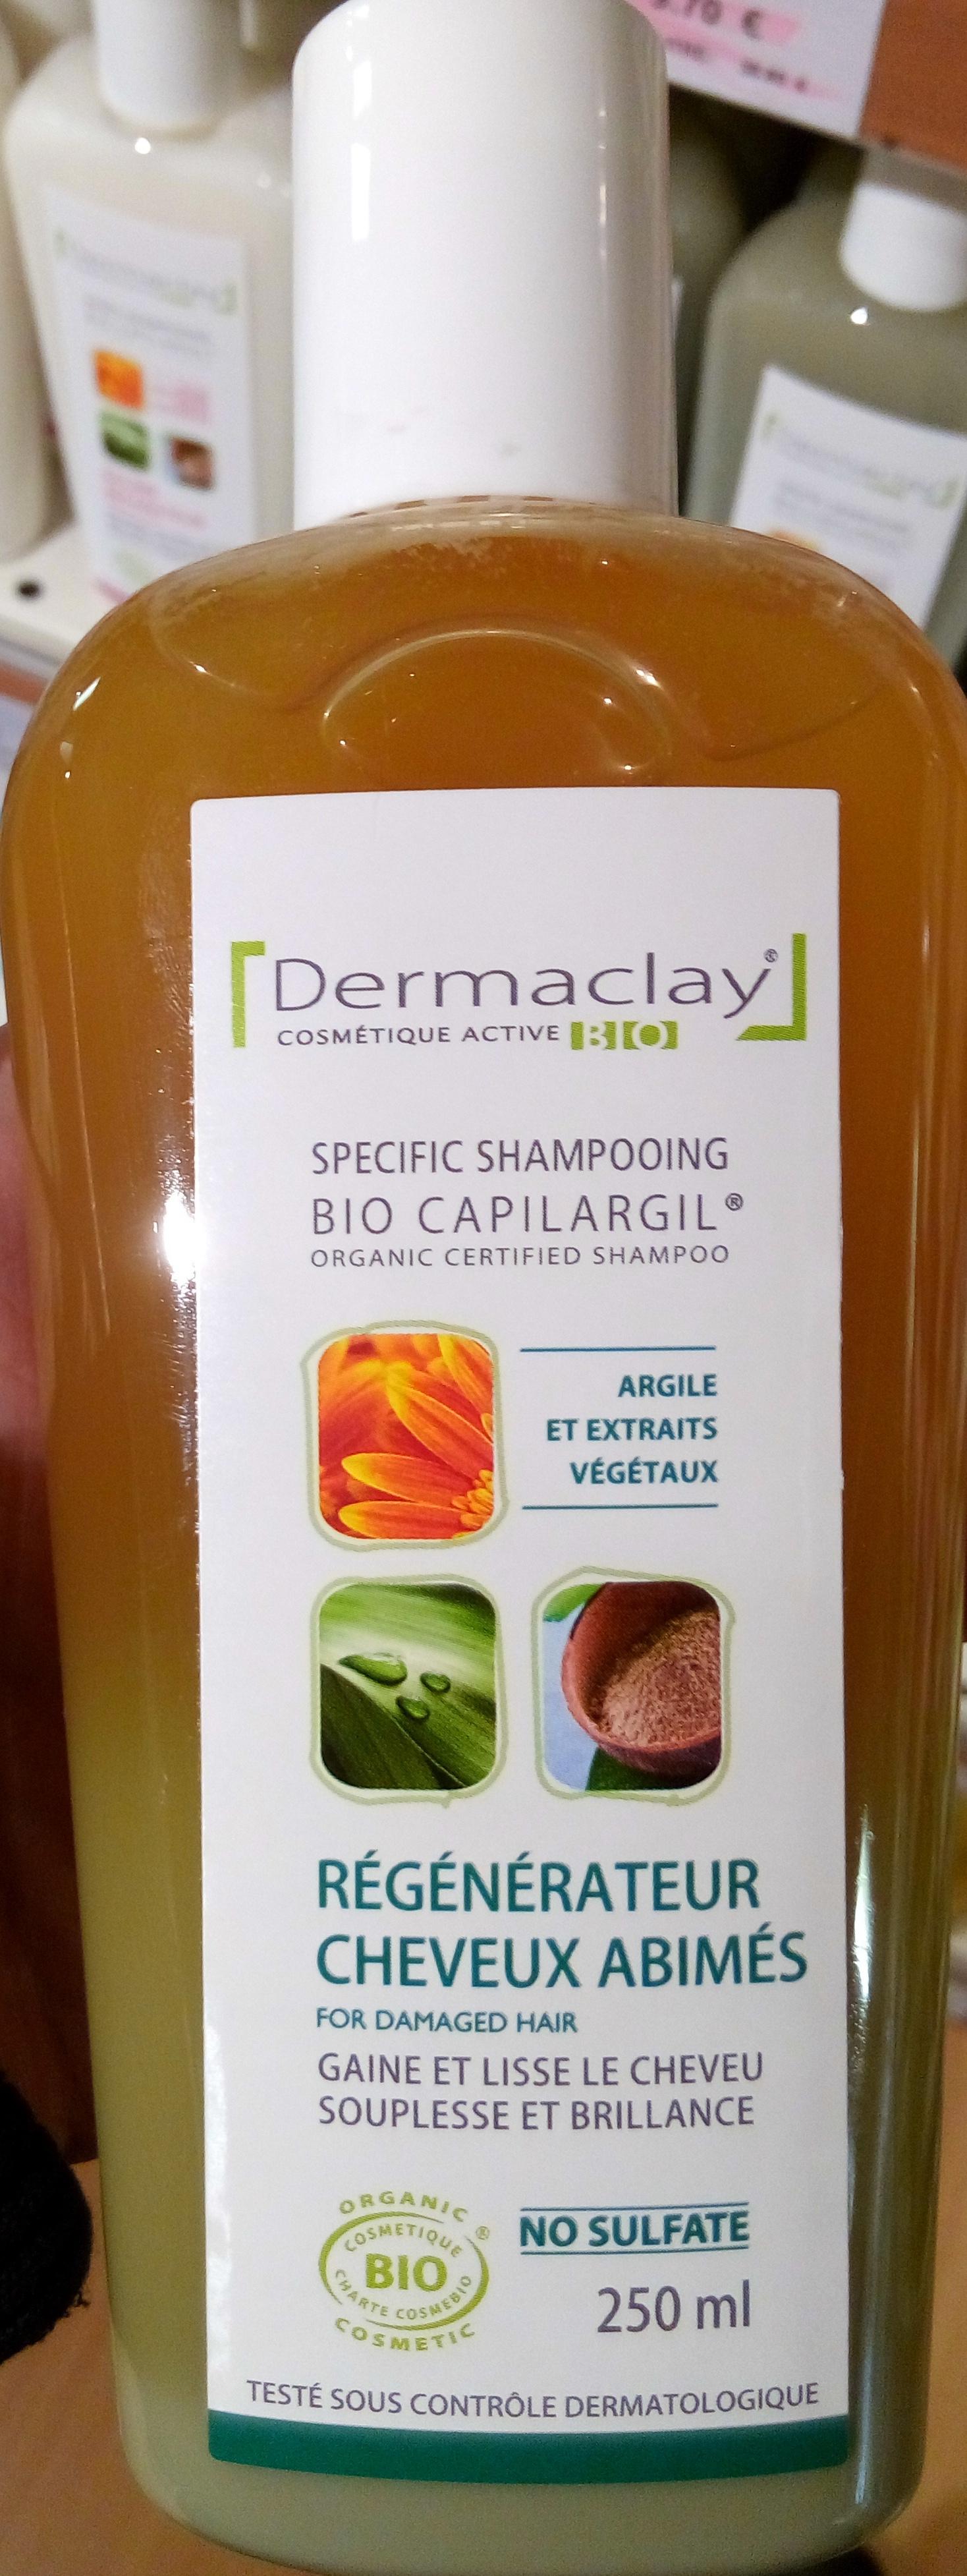 Bio Capilargil Specific Shampooing Argile et Extraits végétaux Régénérateur Cheveux Abimés - Produit